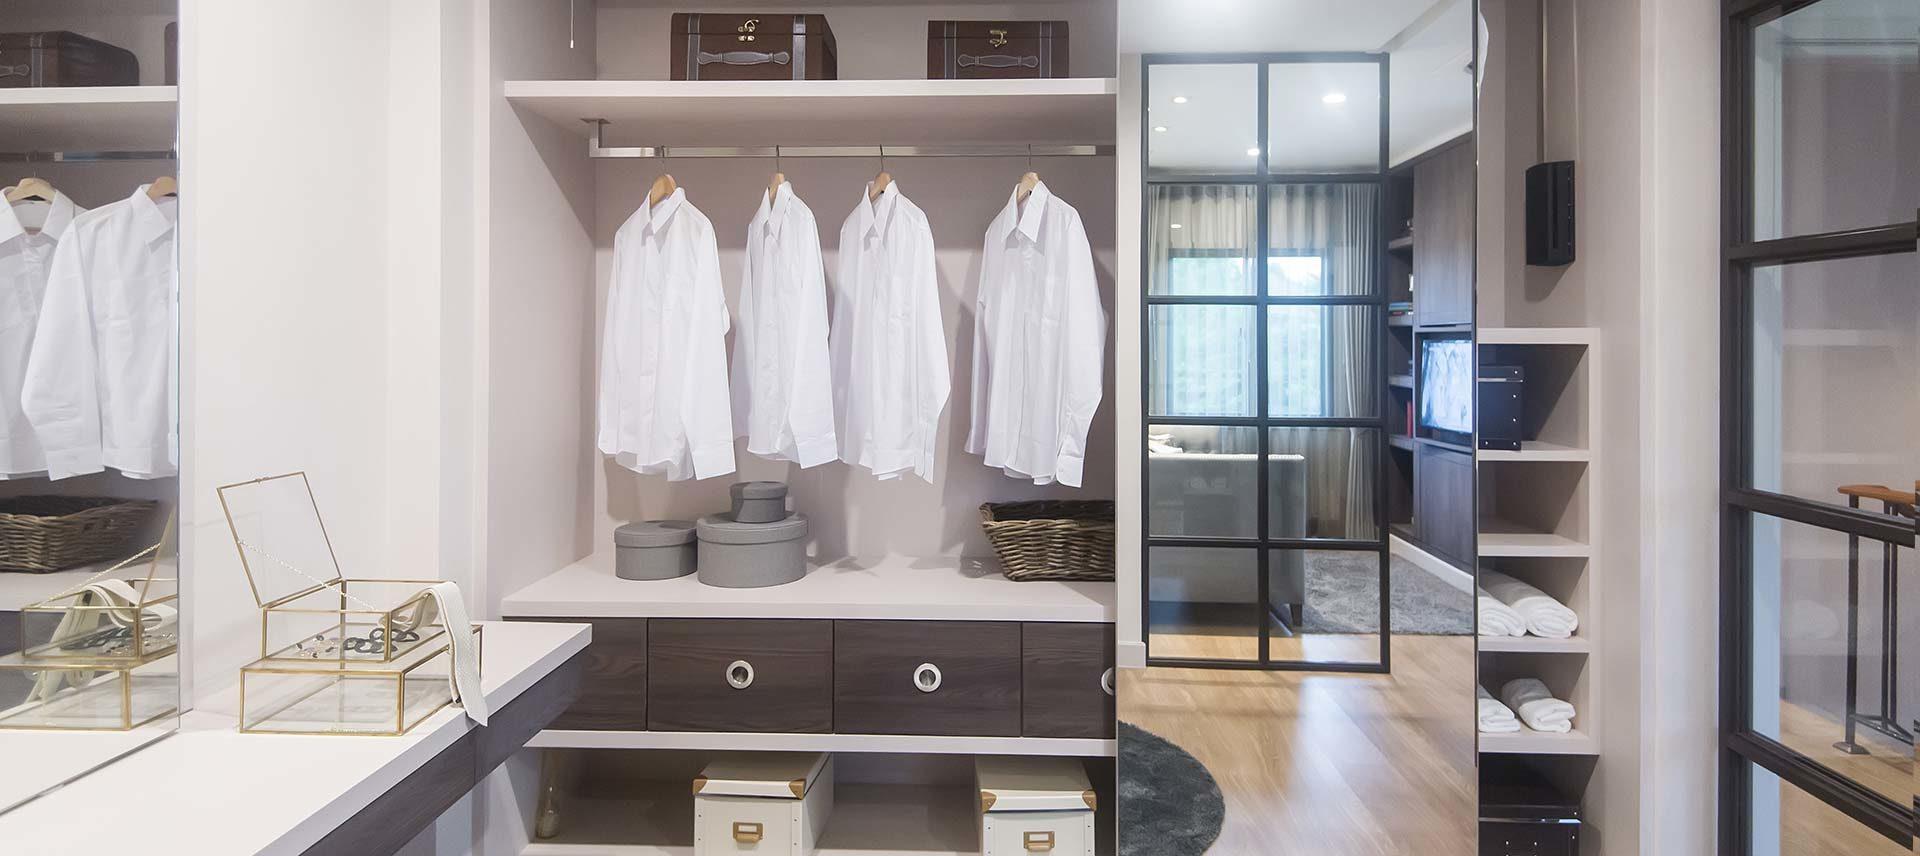 Innenarchitektur Ankleidezimmer Ideen Referenz Von Praktische Für Ihr